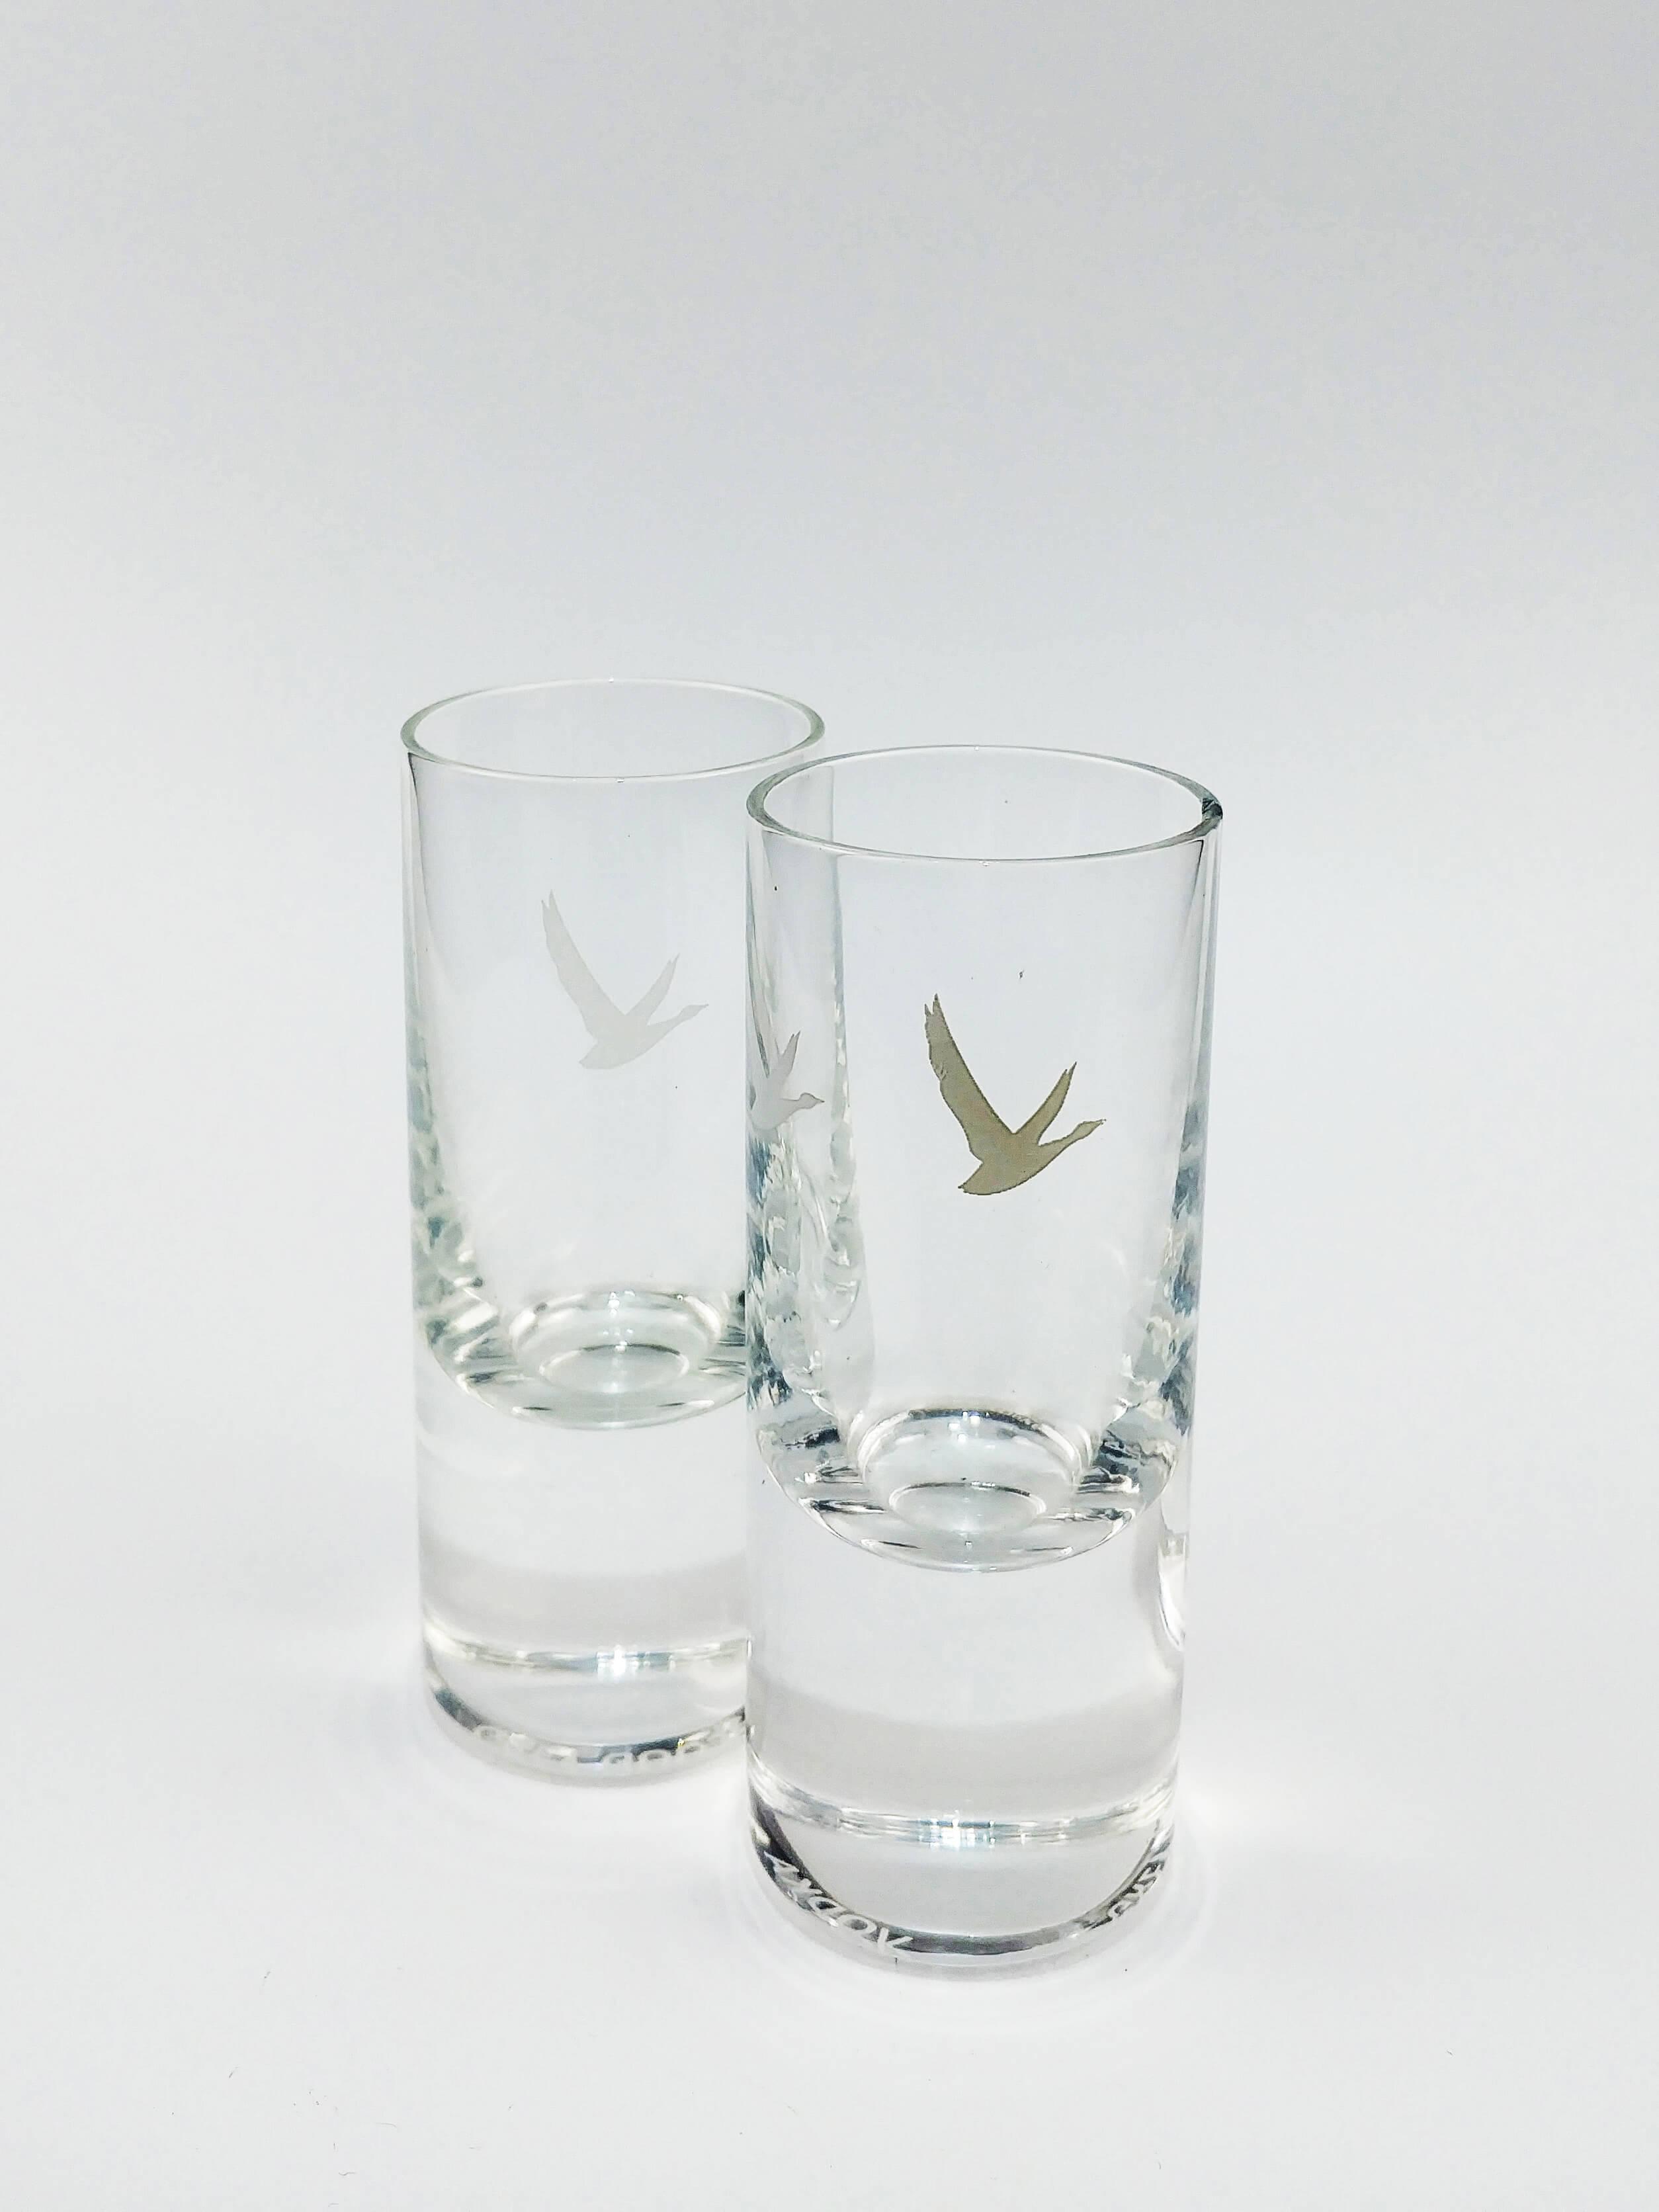 玻璃, 玻璃杯, 禮品, 訂造, 訂製, gift and premium, 商務禮品, 威士忌杯, 杯, 企業禮品, Shot Glass, Glass,